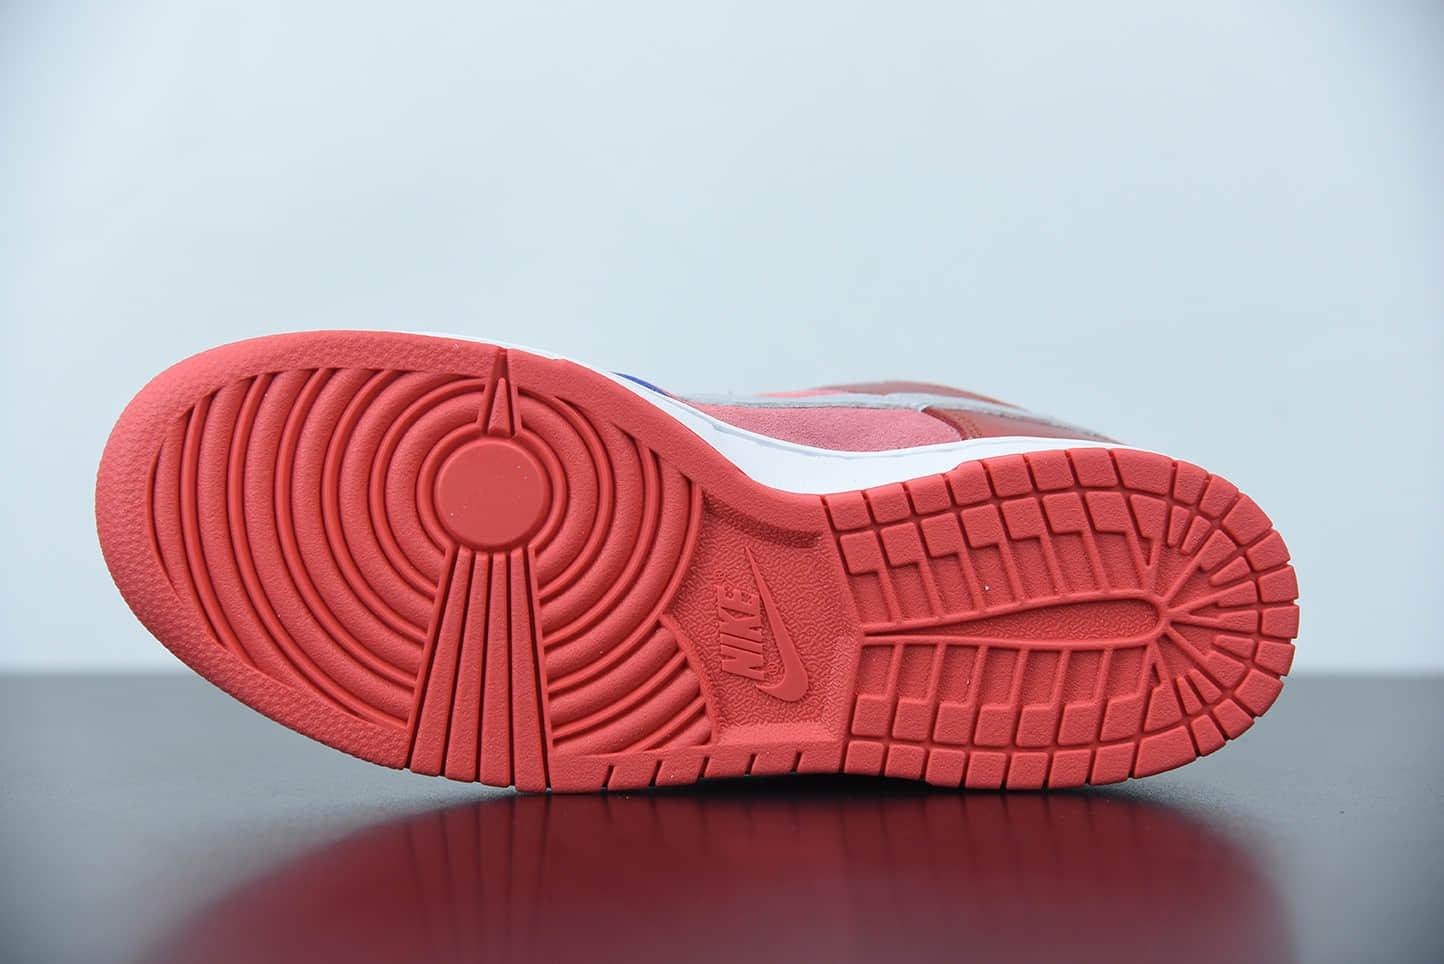 耐克Nike Dunk Low Sunset PulseSB彩蛋鸳鸯多彩拼色扣碎篮板时尚休闲板鞋纯原版本 货号:DN0855-600